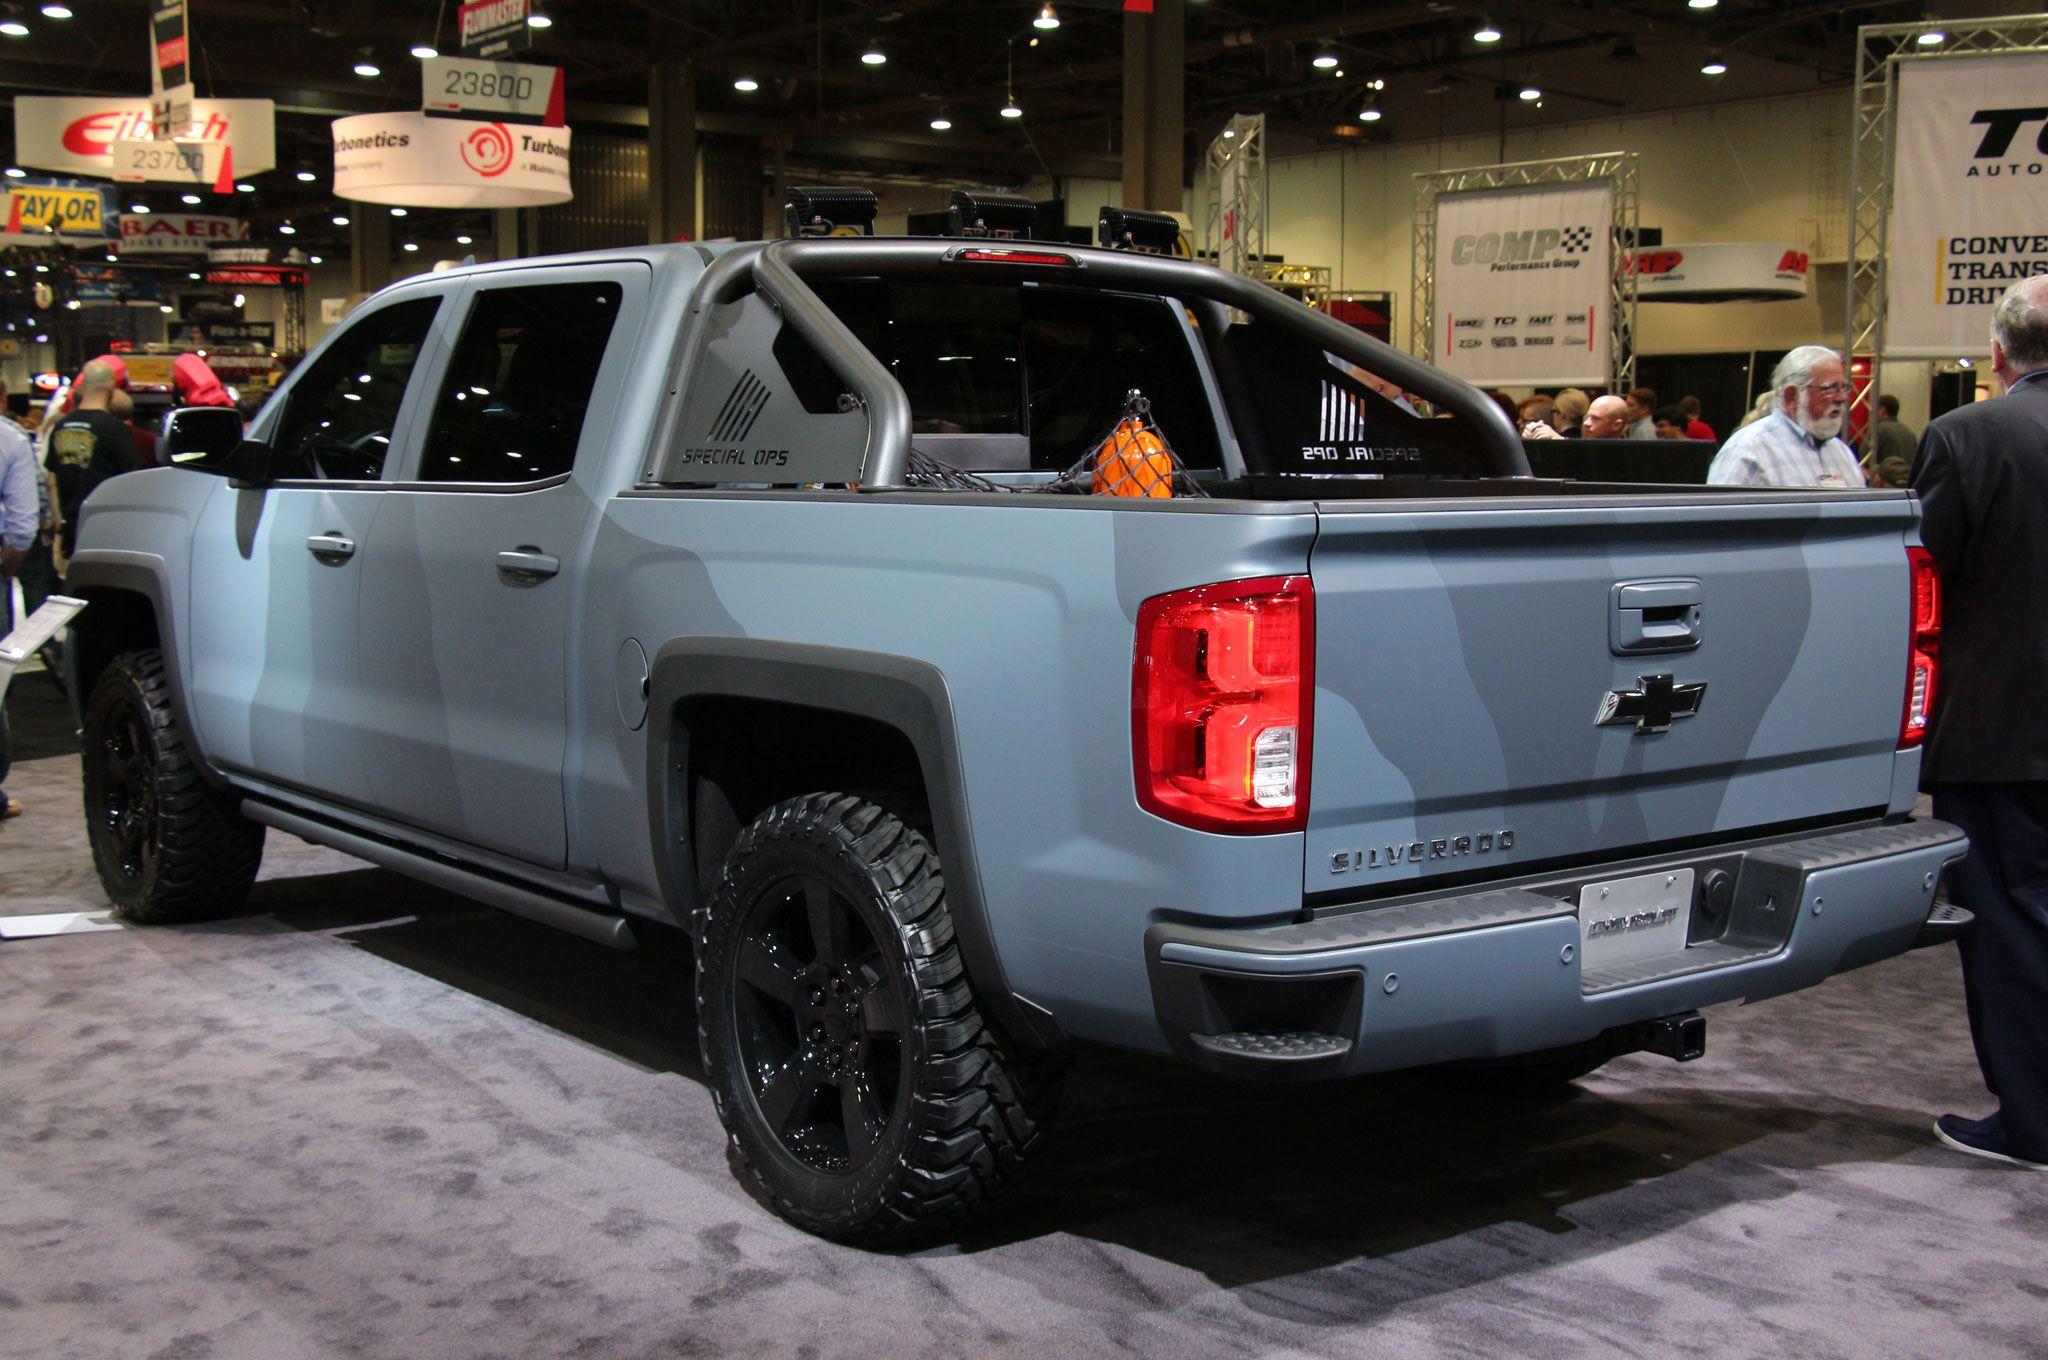 Chevrolet Silverado Special Ops Concept rear